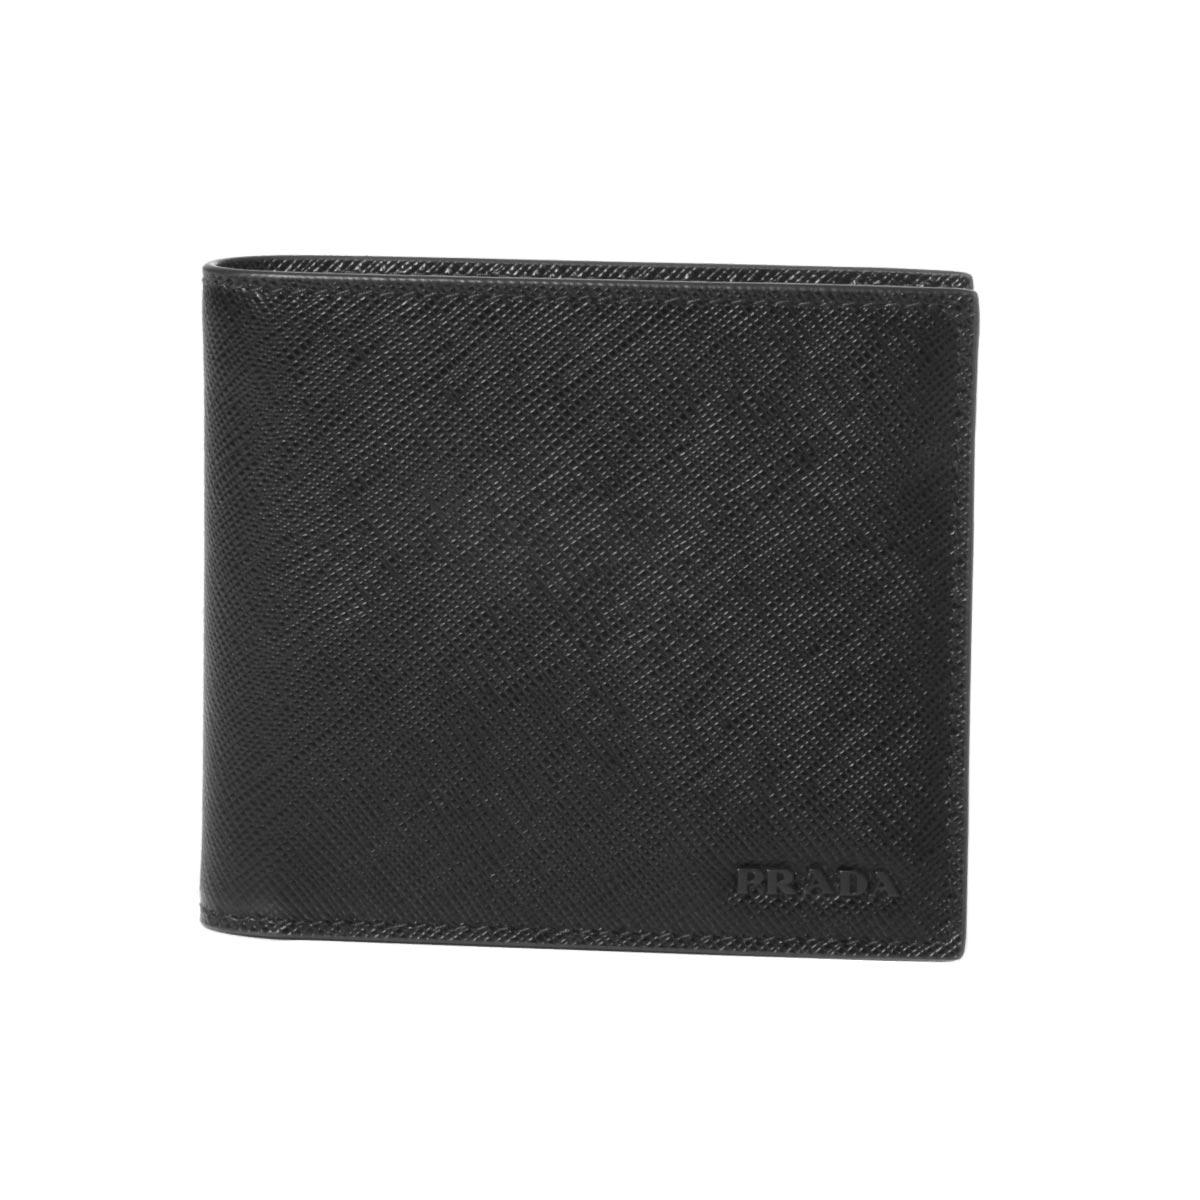 プラダ PRADA 財布 メンズ 2MO513 ZLP F0002 二つ折り財布 SAFFIANO MULTIC NERO ブラック